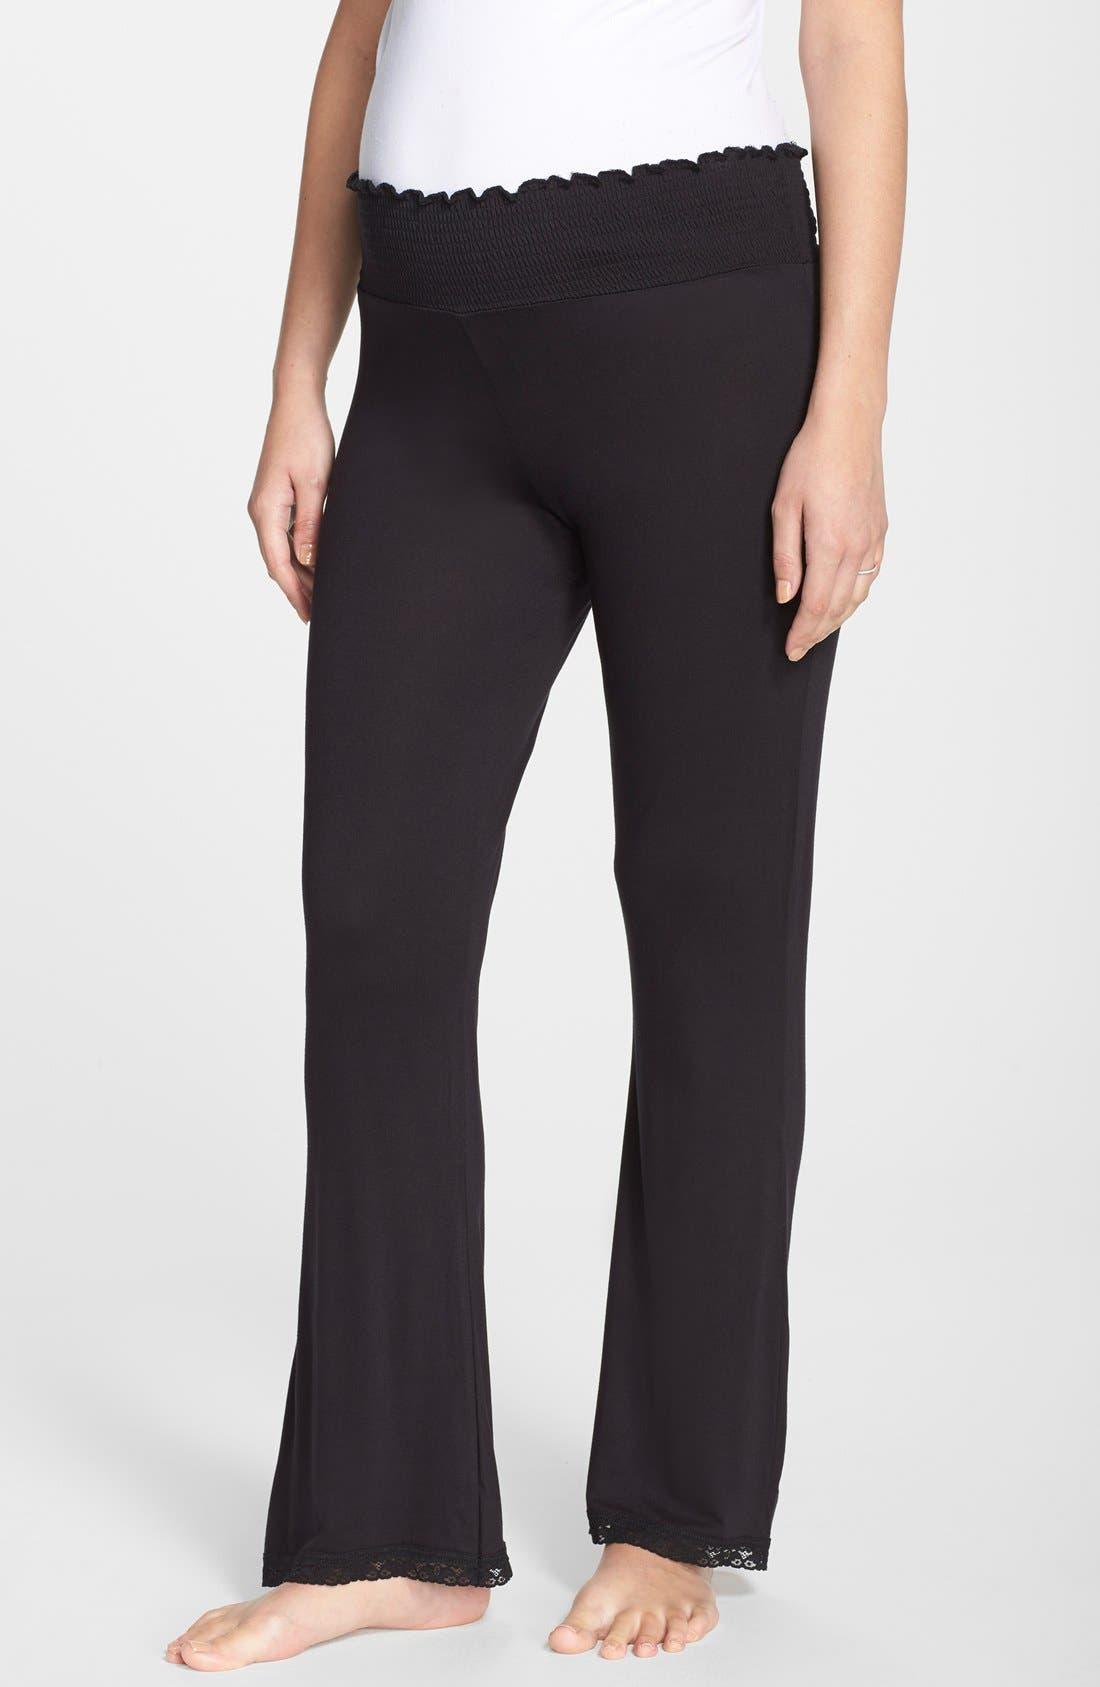 Lace Trim Maternity Lounge Pants,                         Main,                         color, Black